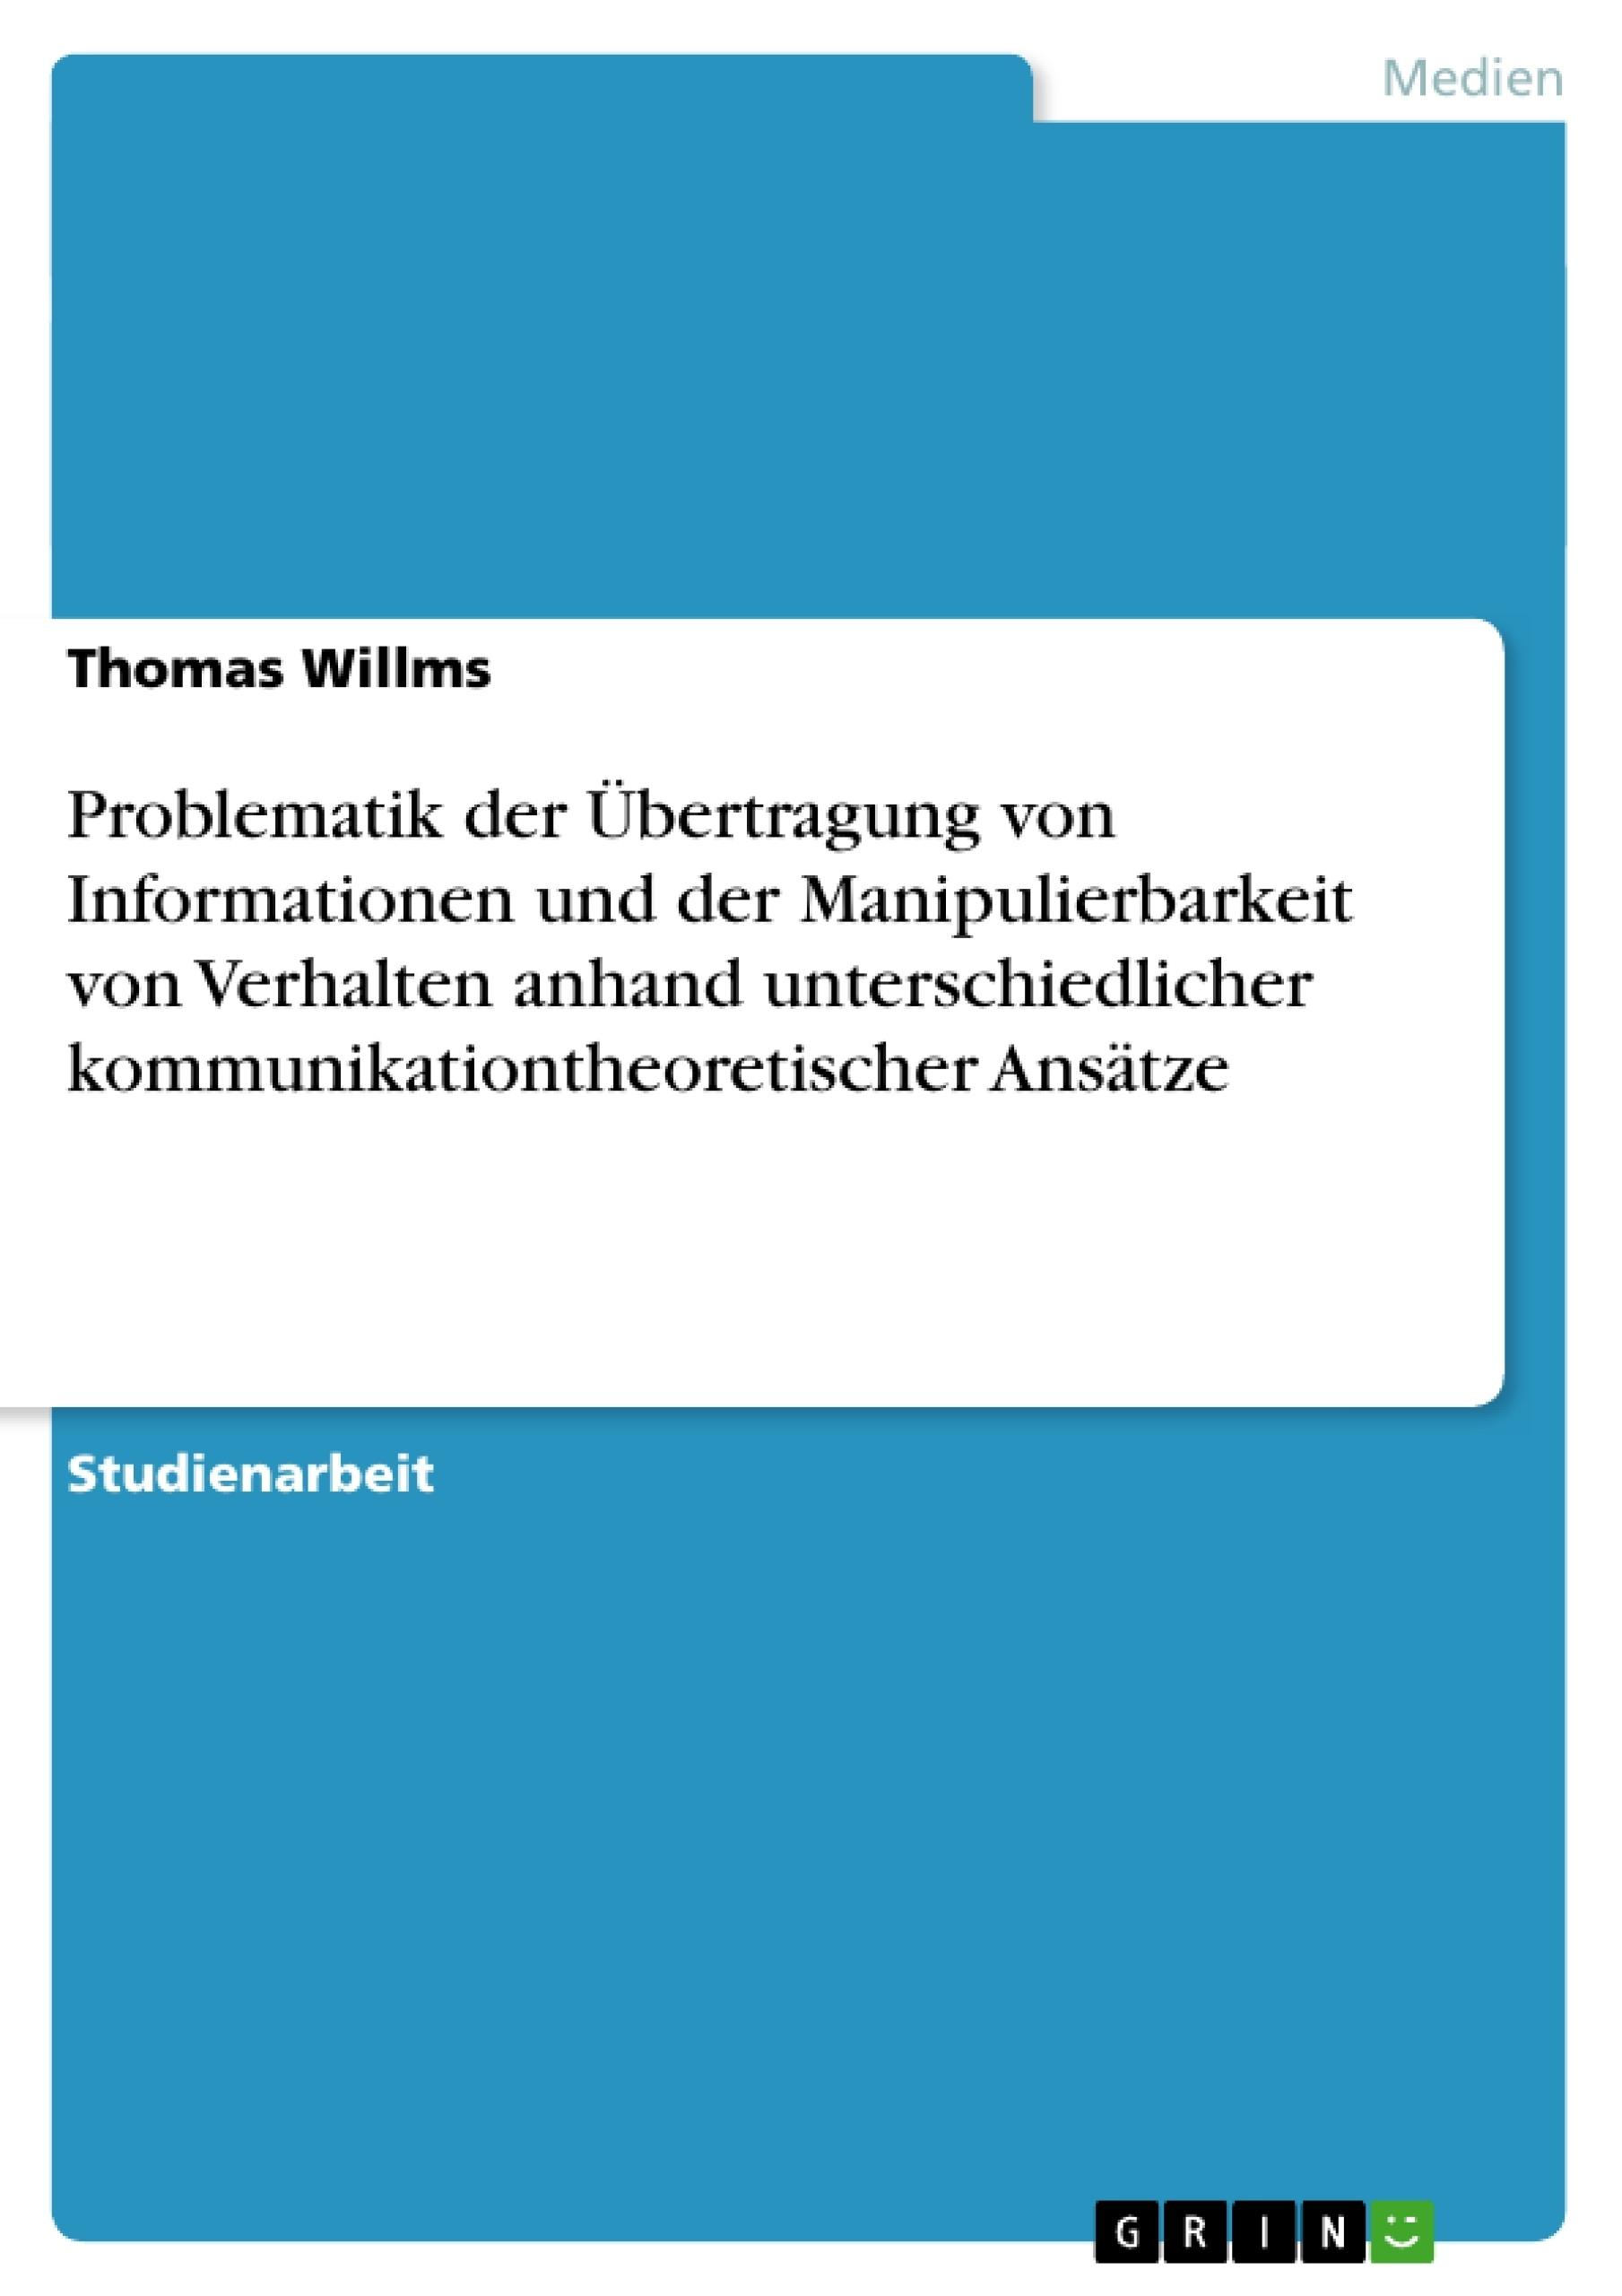 Titel: Problematik der Übertragung von Informationen und der Manipulierbarkeit von Verhalten anhand unterschiedlicher kommunikationtheoretischer Ansätze